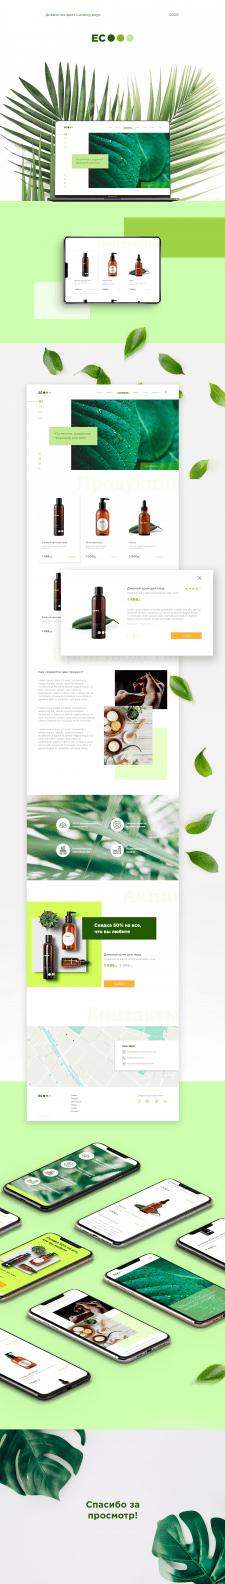 ECO Natural cosmetics